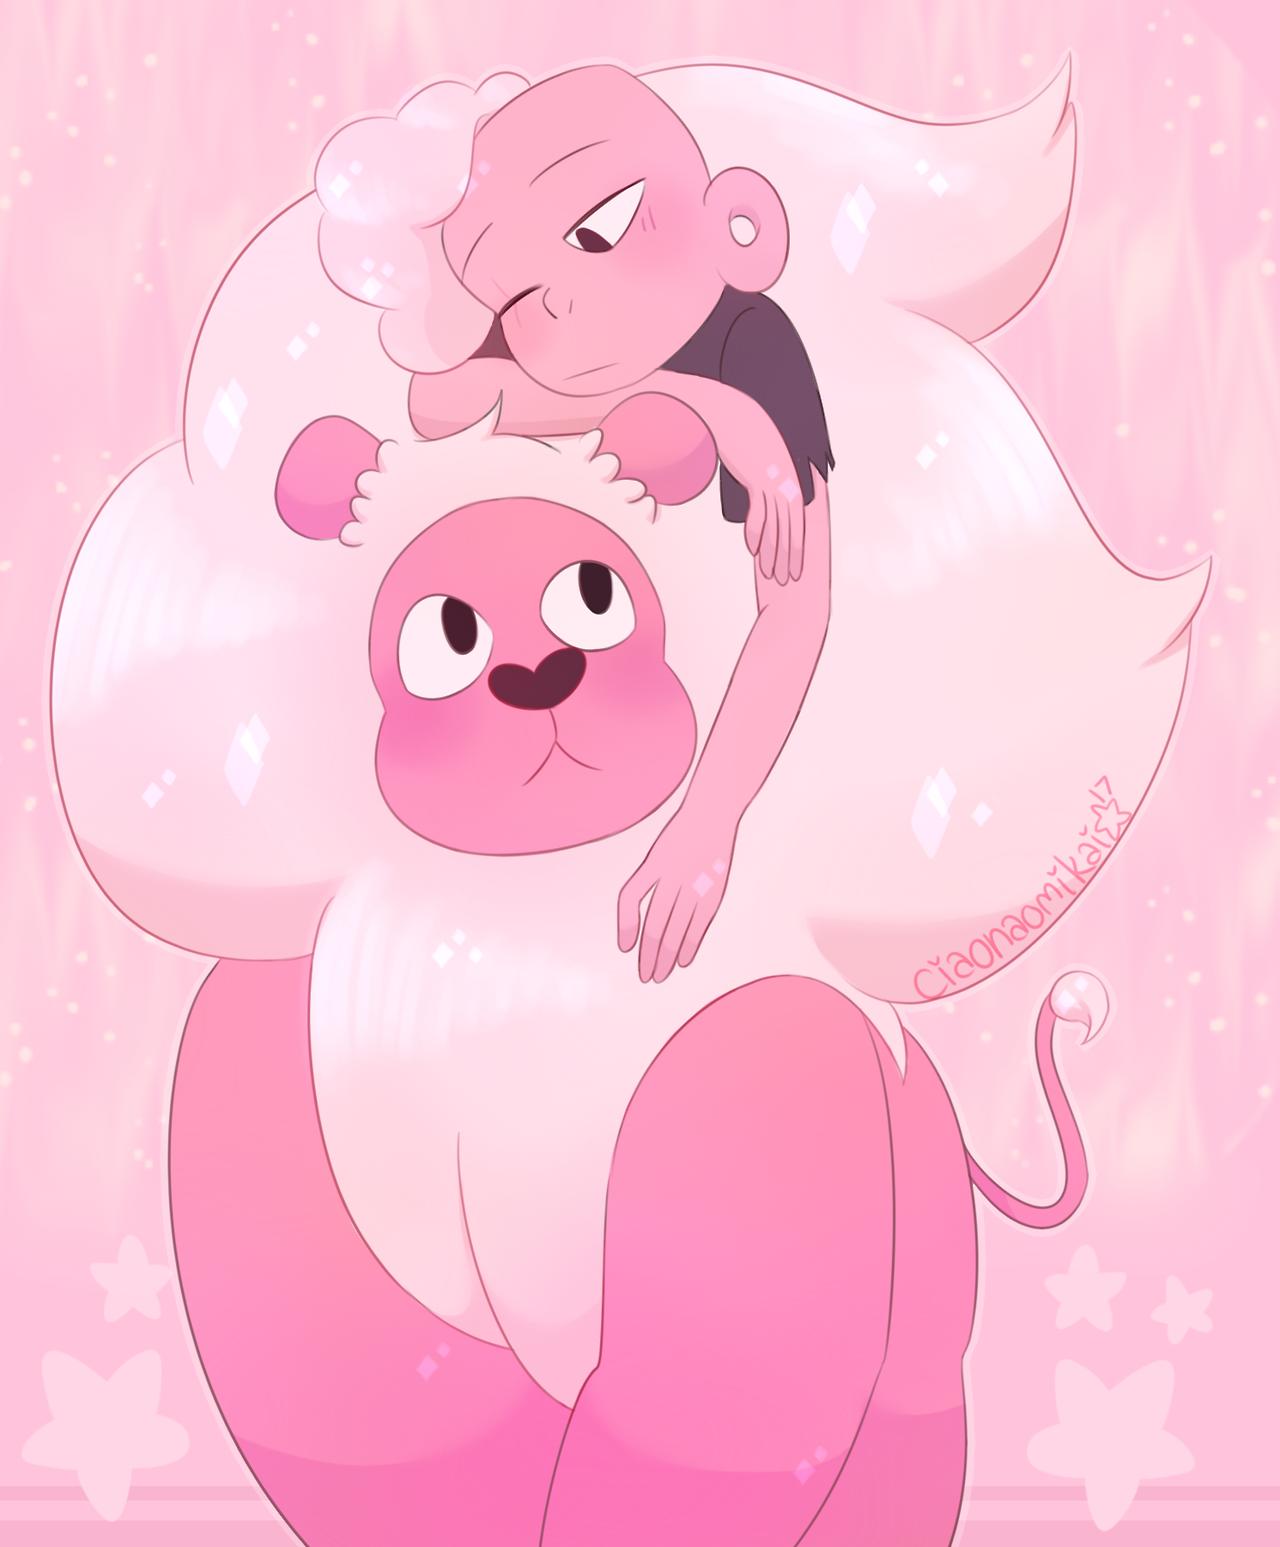 Portal Pink Buddies °˖✧( ୨୧ ⑅˘͈ ᵕ ˘͈ )✧˖°